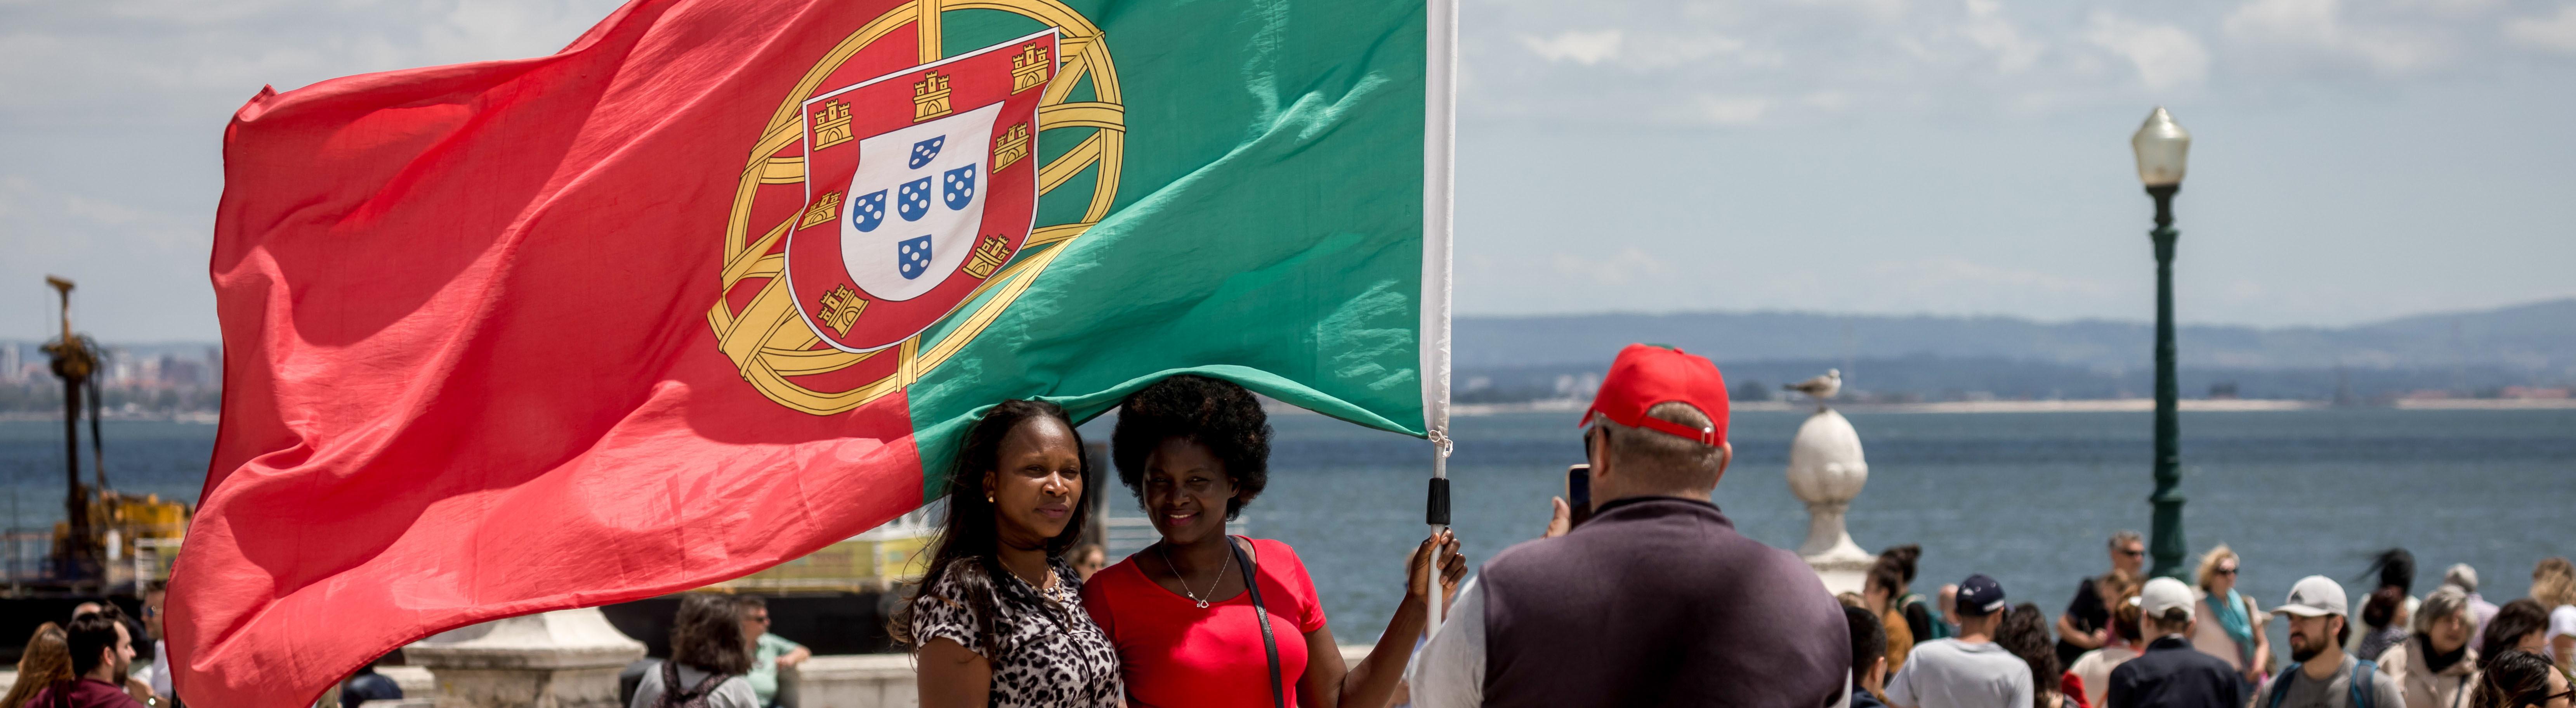 Frauen mit der Flagge Portugals auf einem Platz in Lissabon